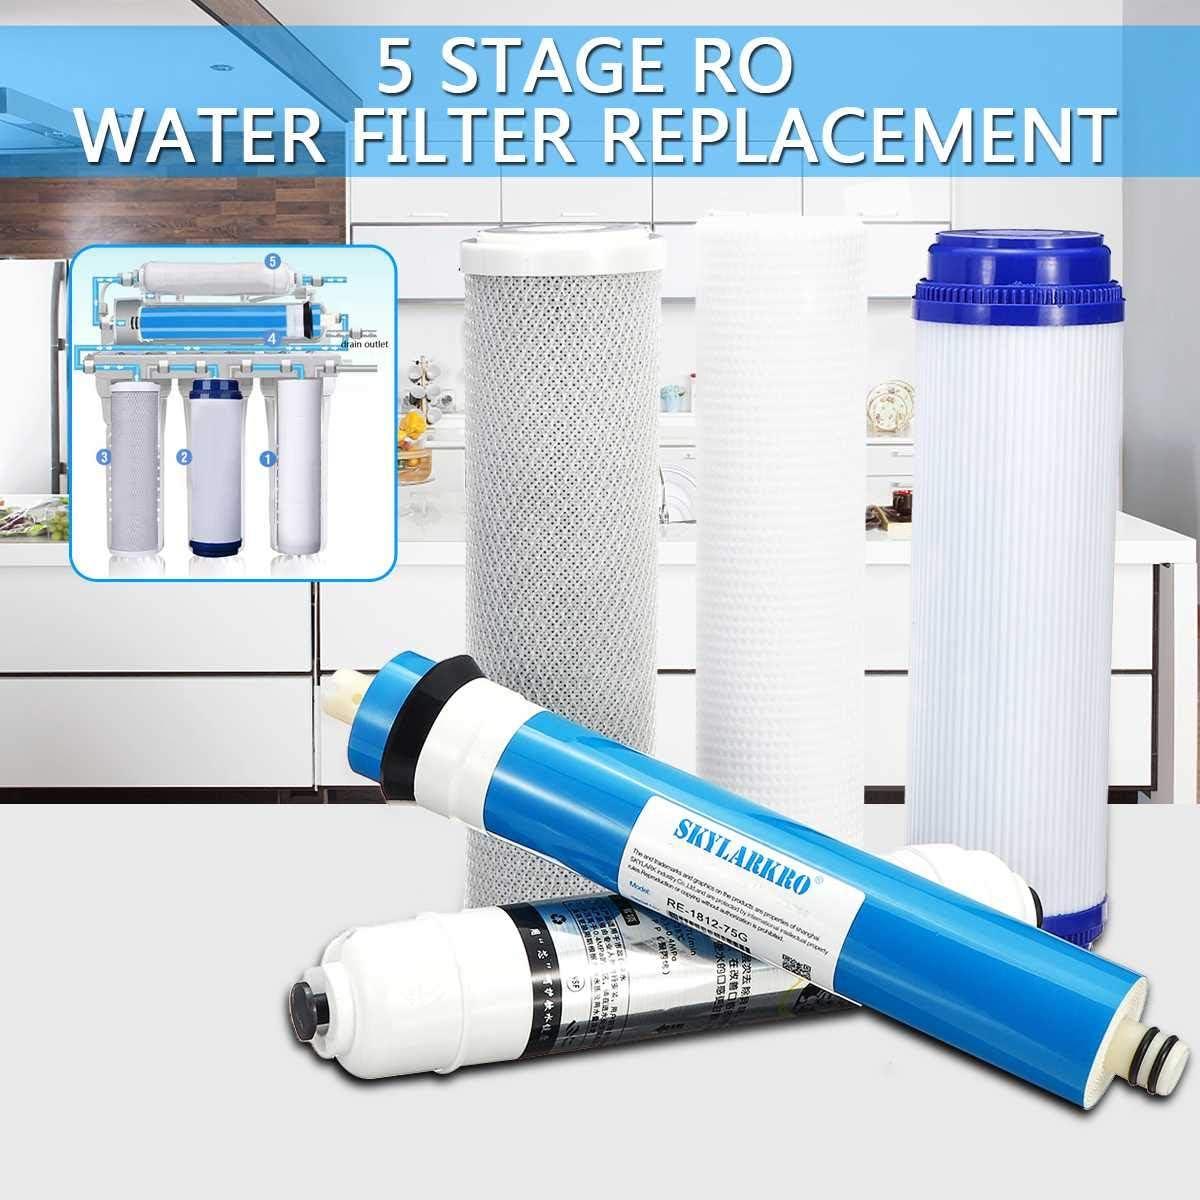 Kit de filtro de agua de reemplazo de ósmosis inversa de 5 etapas con 75 GPD Membrana Cartucho de filtro de agua ...